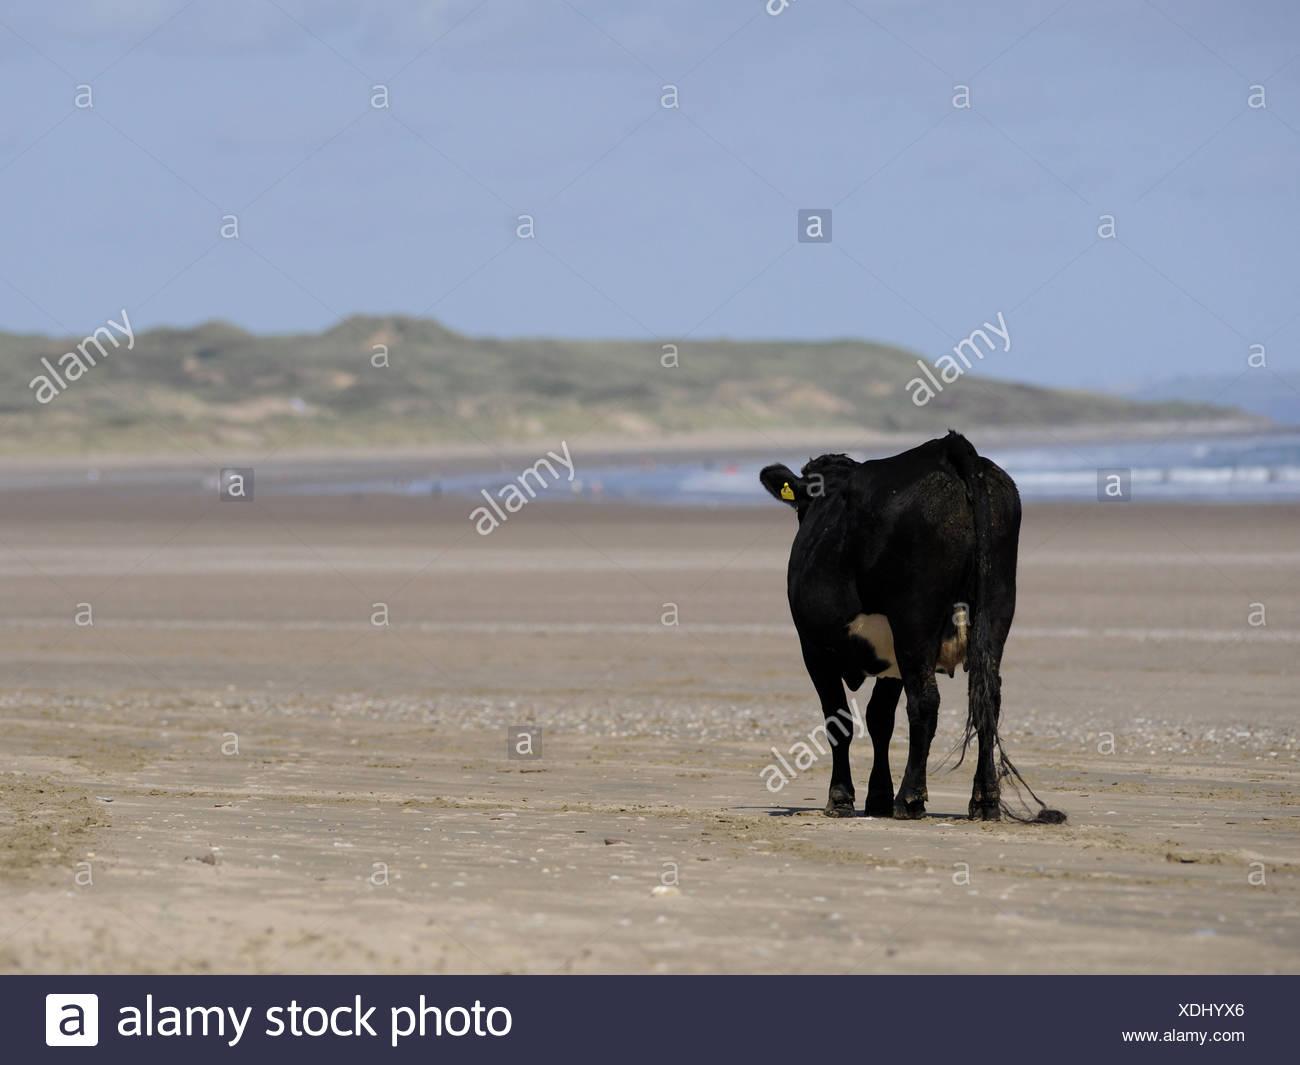 Eine einsame Kuh auf dem Sand am Strand entlang wandern. Stockbild